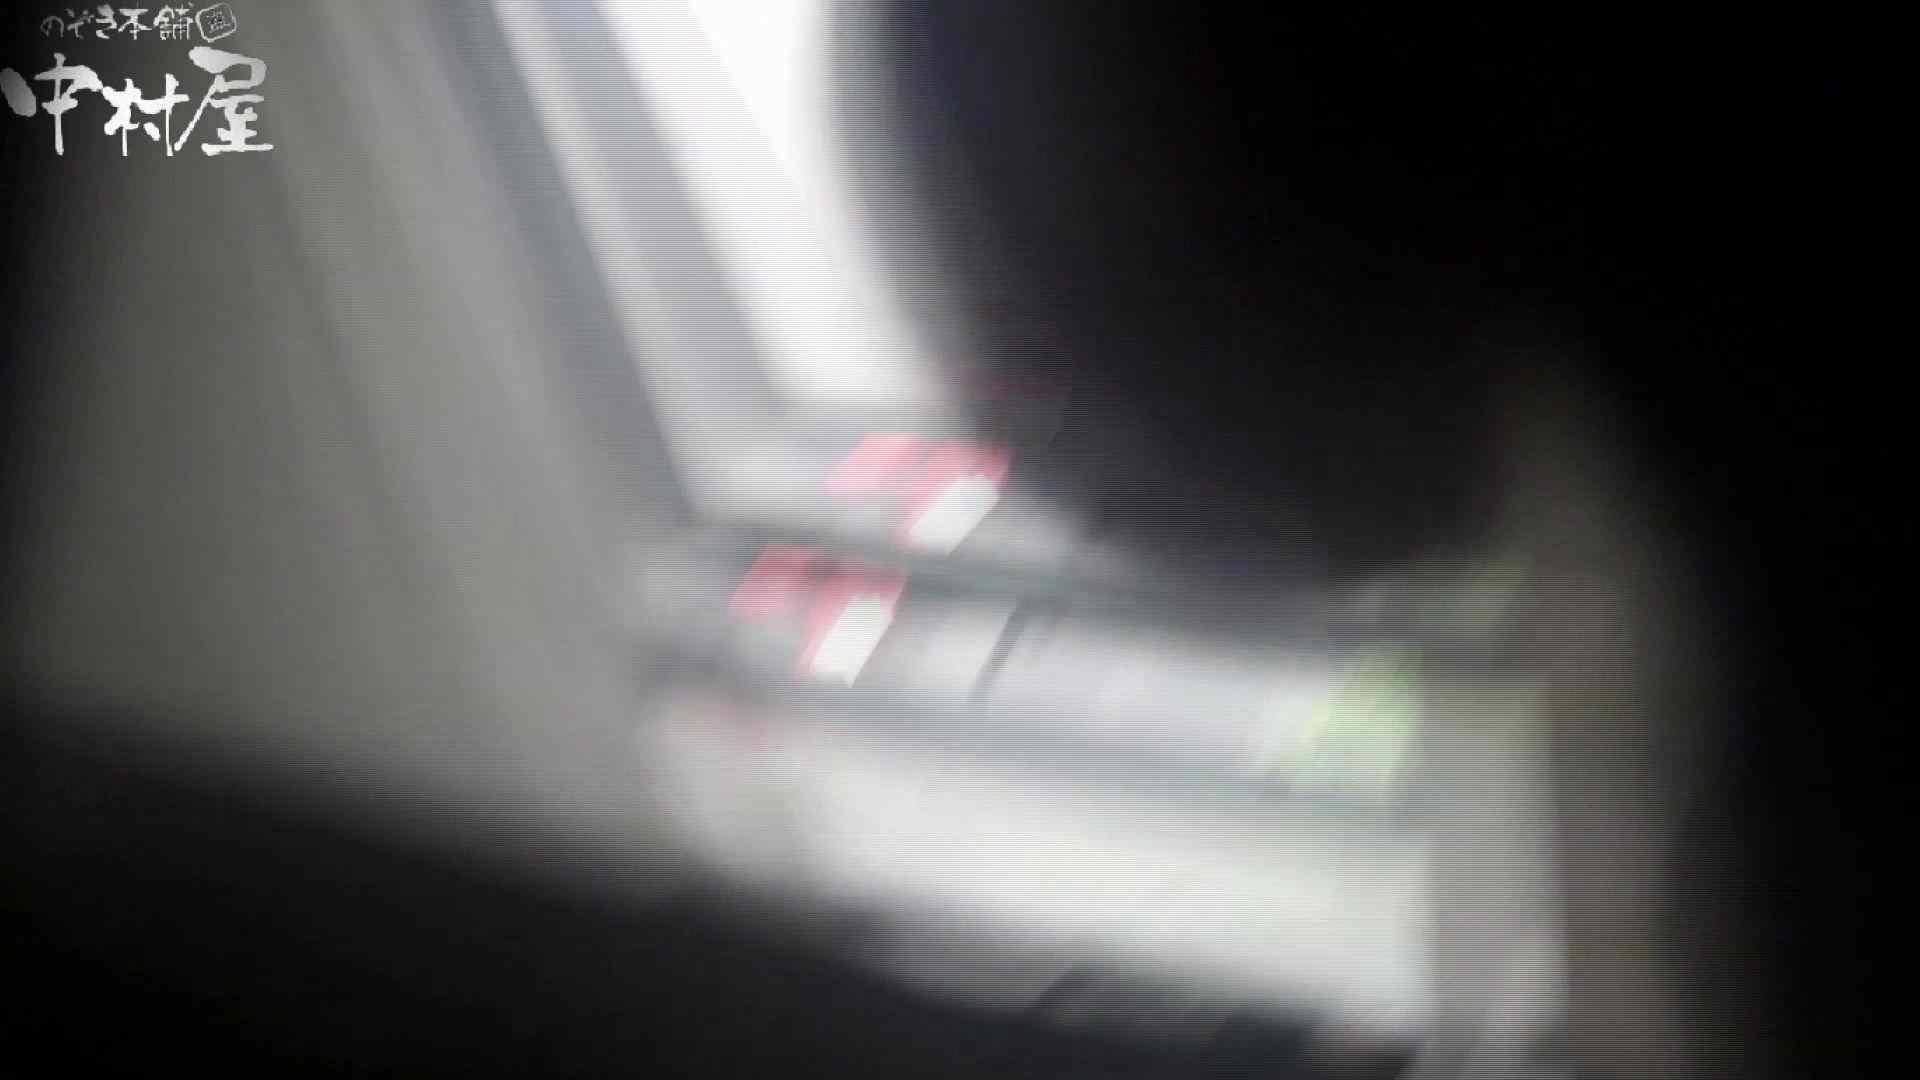 世界の射窓から~ステーション編~vol40 更に画質アップ!! 盗撮シリーズ   おまんこ見放題  77PIX 49